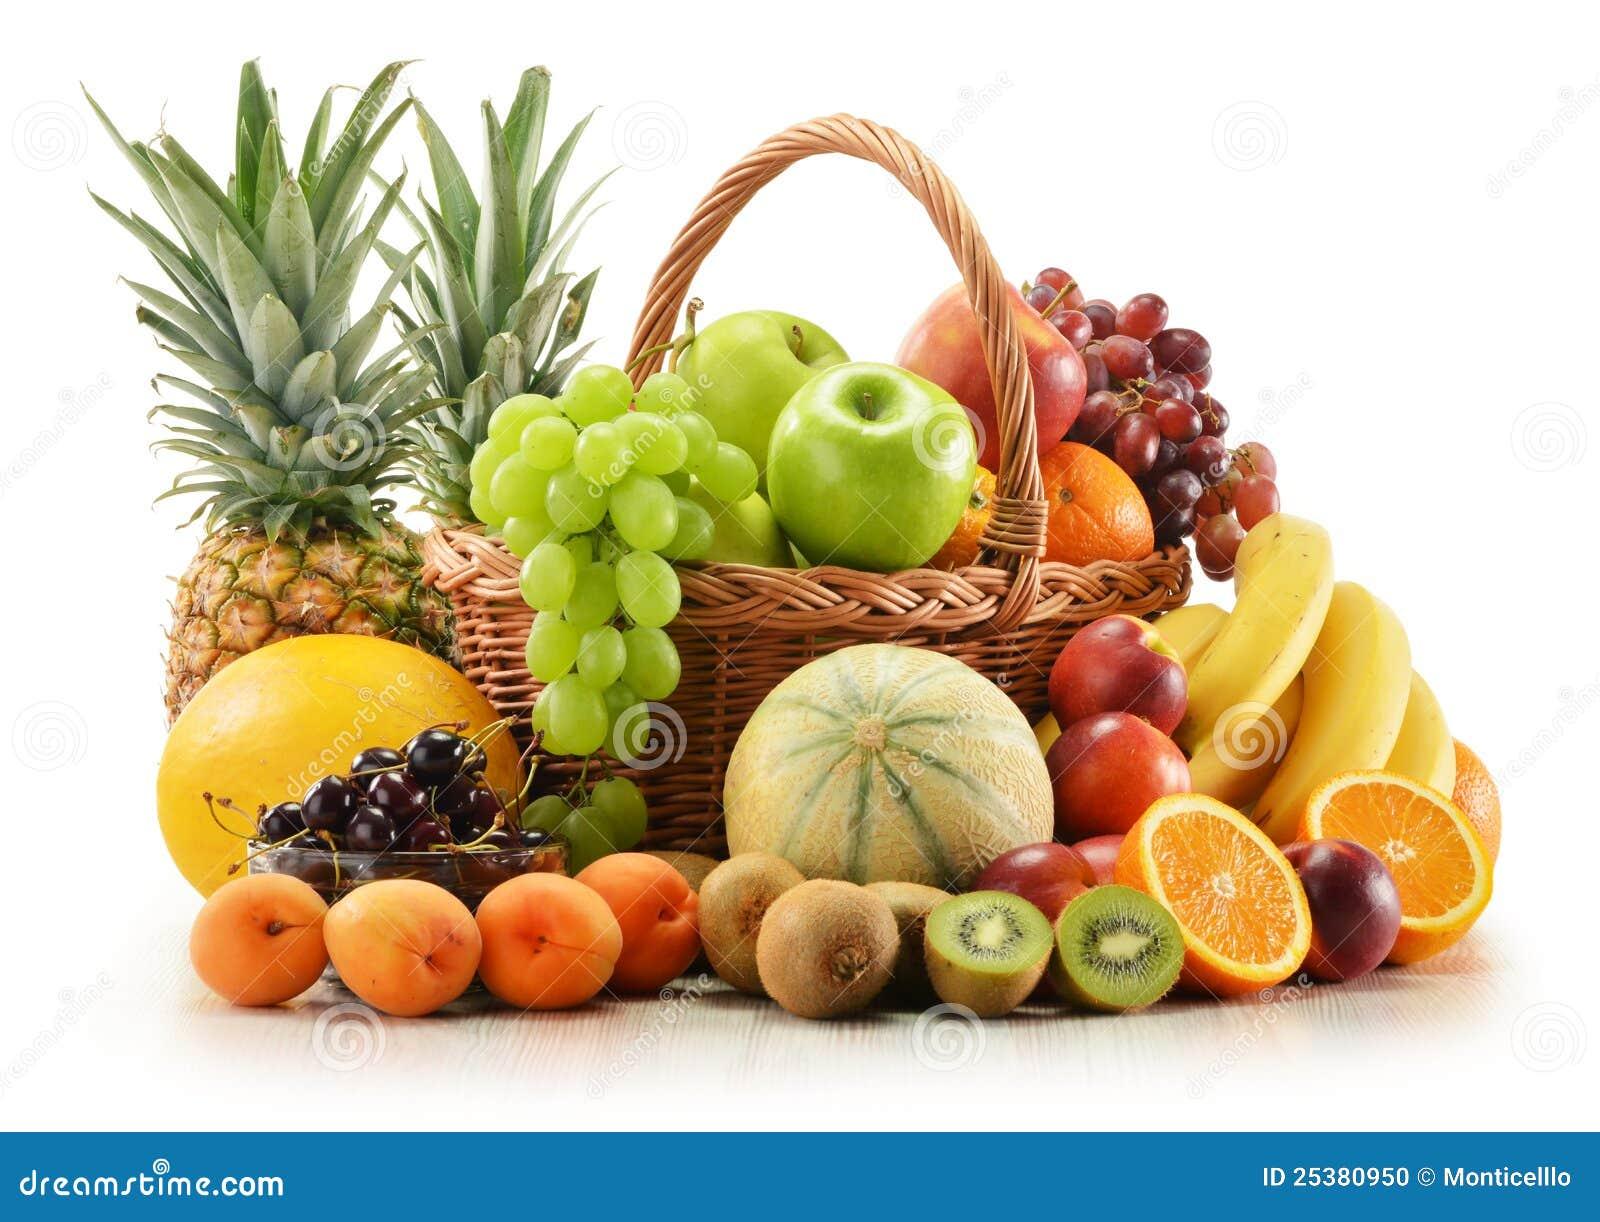 composition avec les fruits assortis dans le panier en osier photo stock image du orange. Black Bedroom Furniture Sets. Home Design Ideas